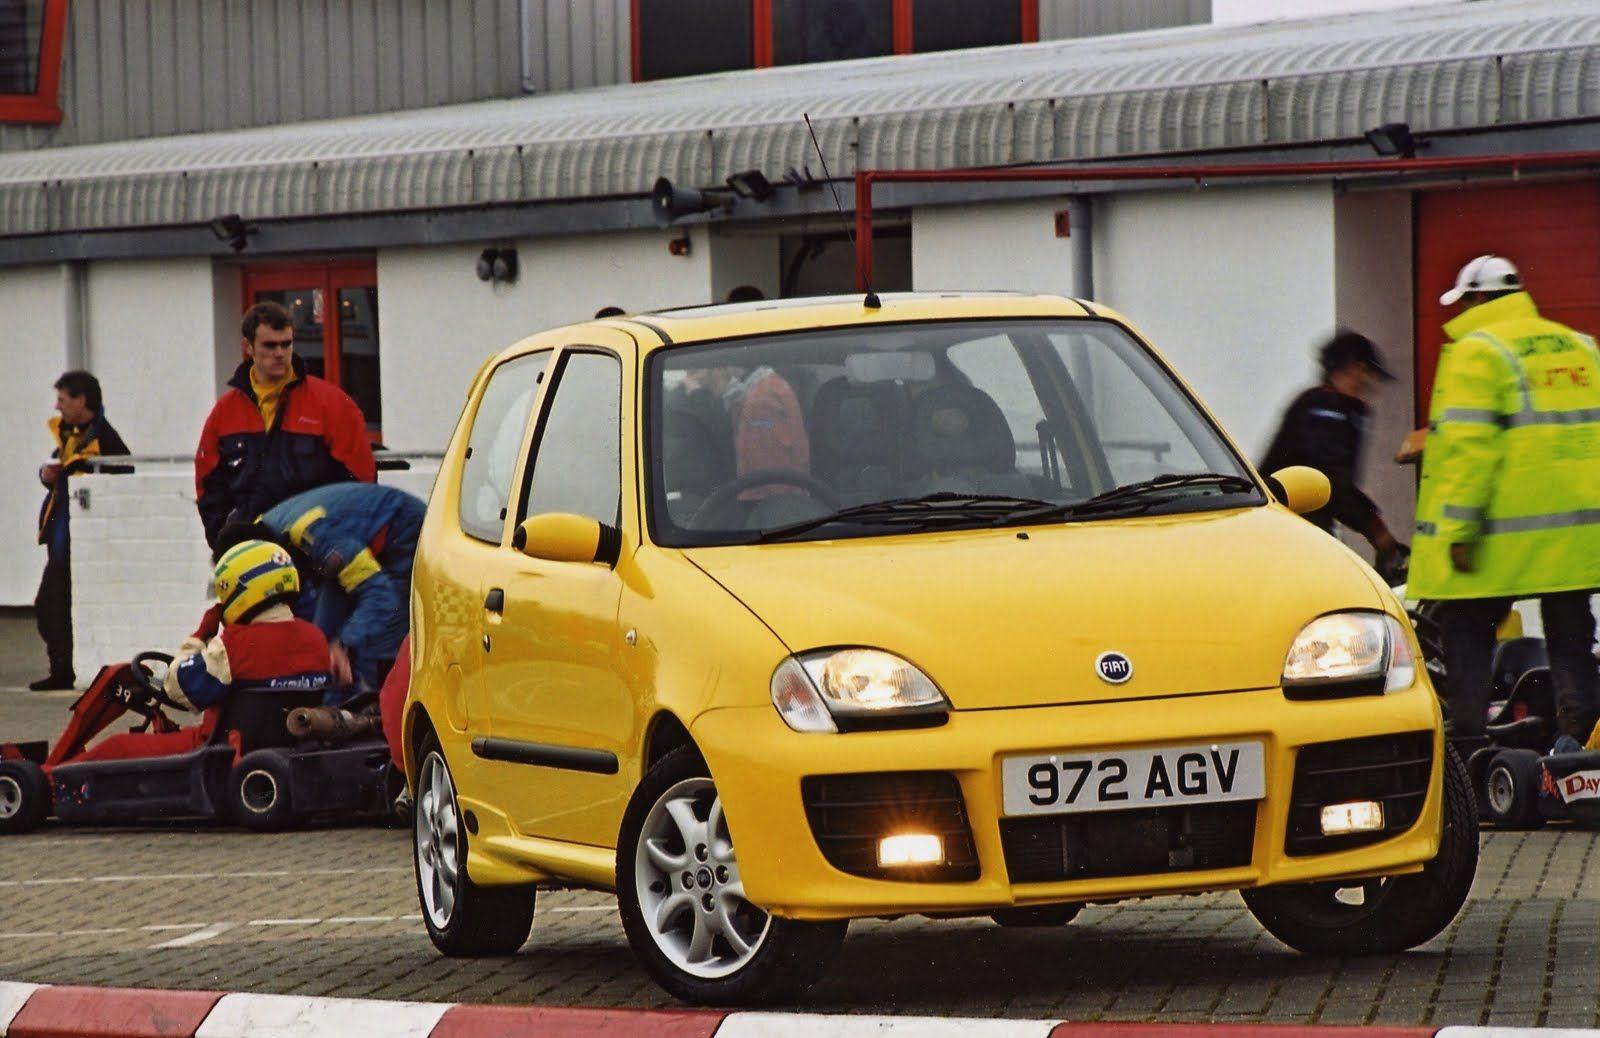 Fiat seicento samoch d wielu polak w w nowym millenium http manmax